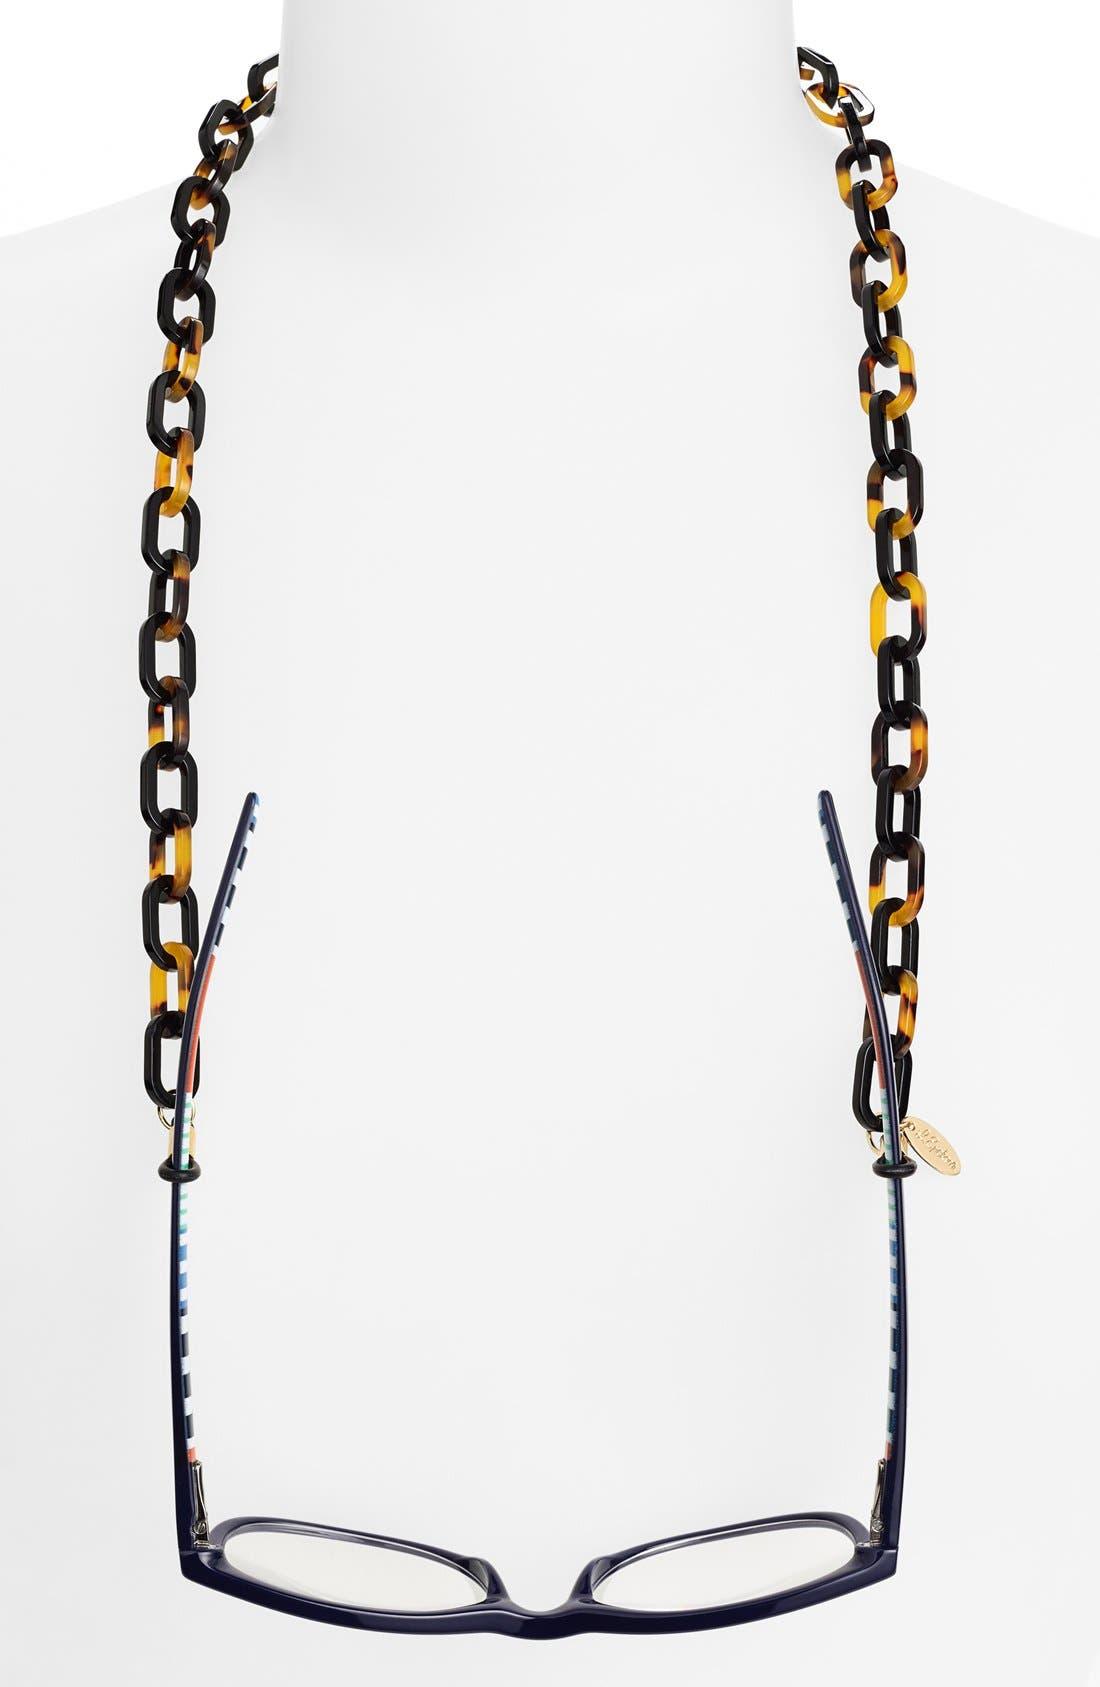 'Brynn' Oval Link Eyewear Chain,                             Main thumbnail 2, color,